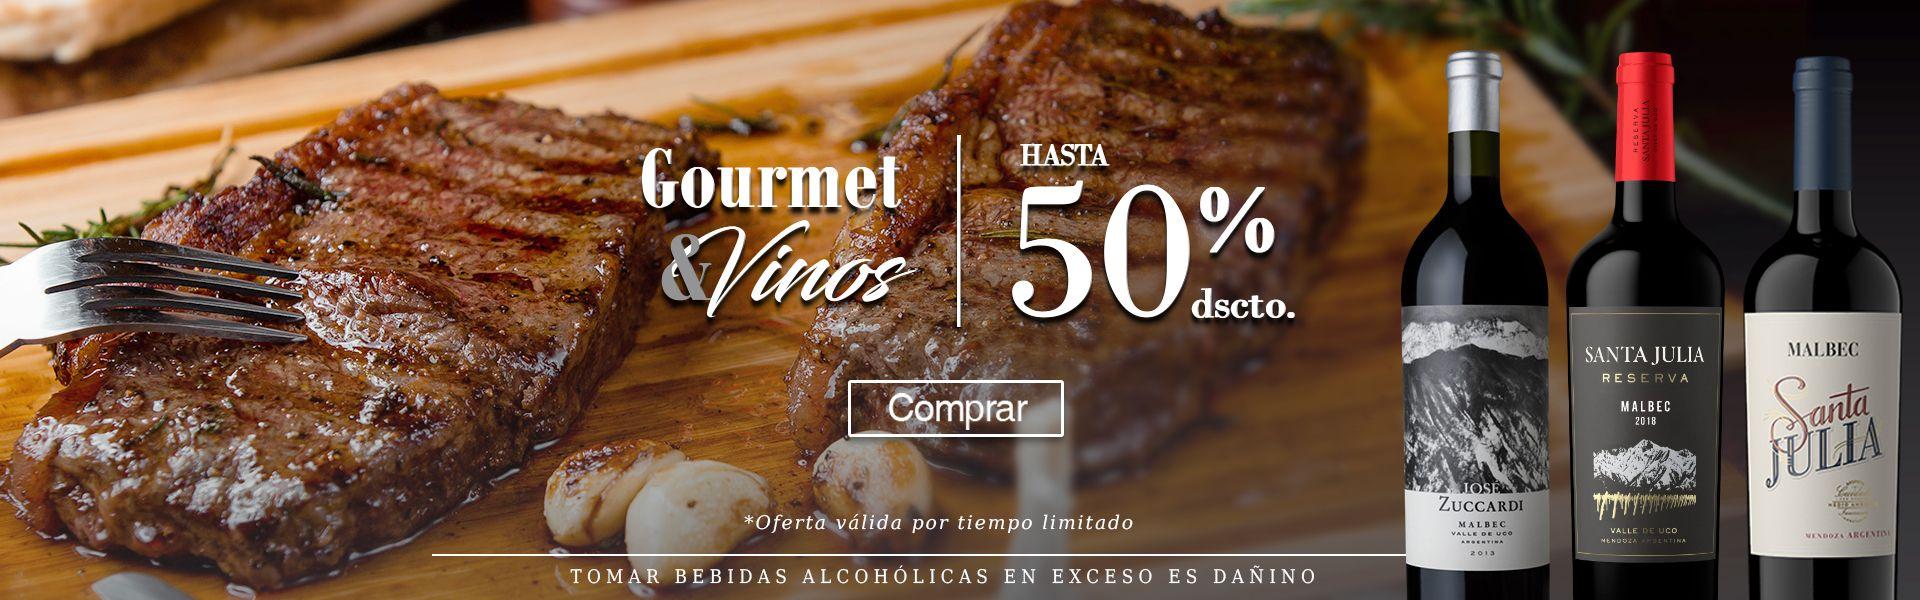 Gourmet & Vinos